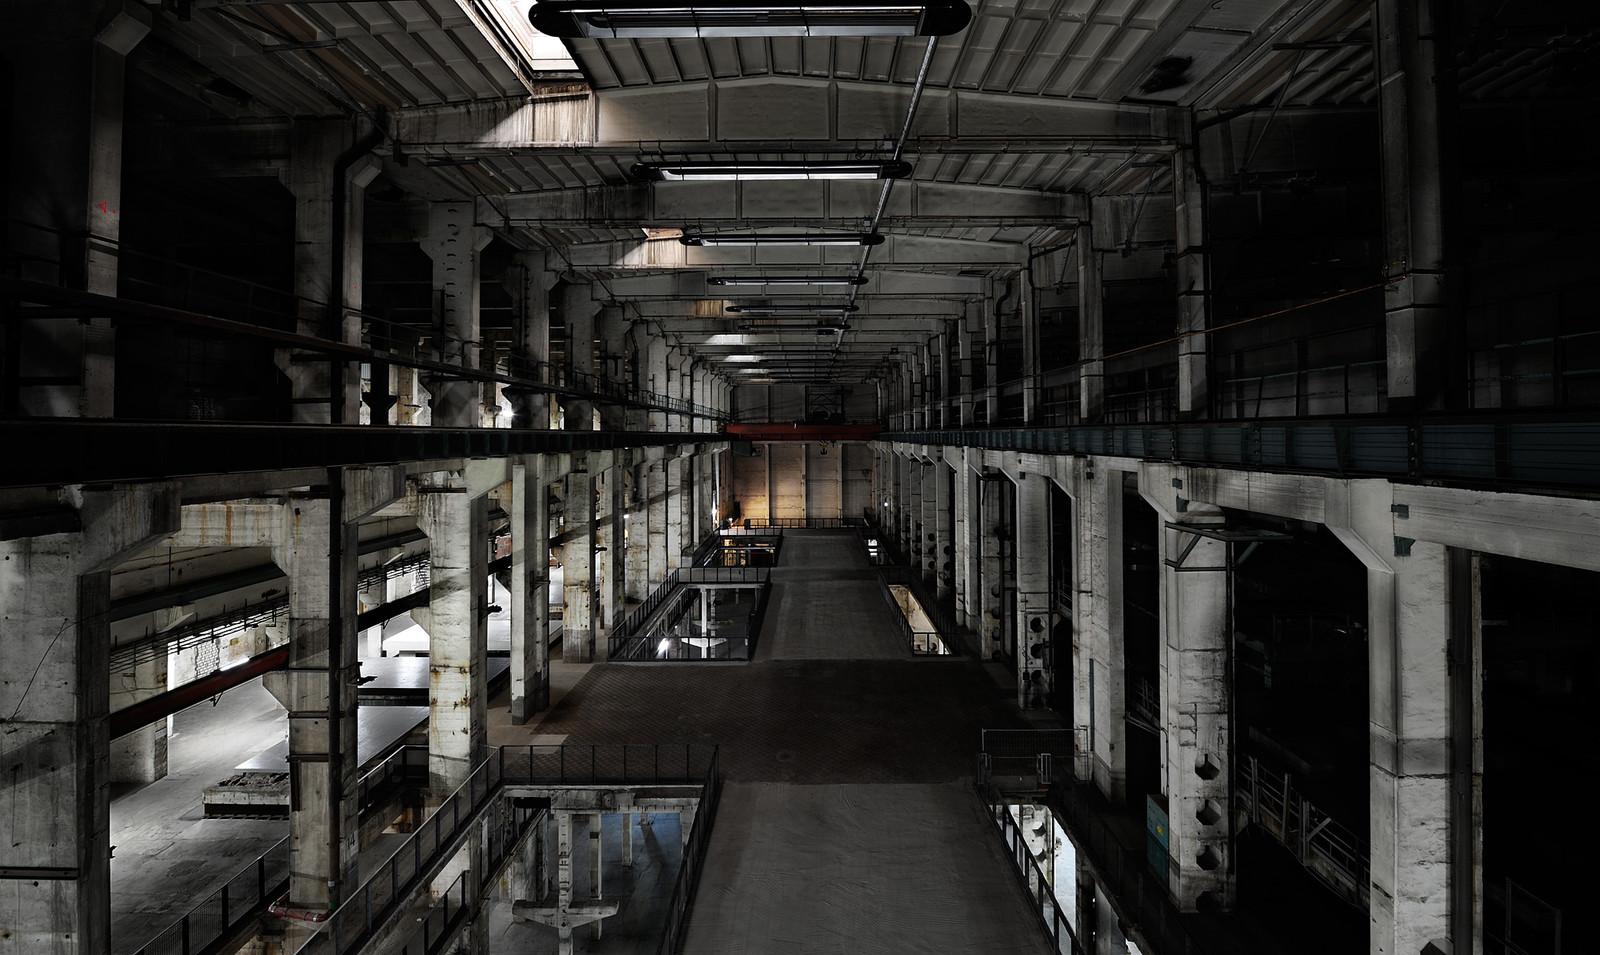 Das Kraftwerk Berlin wird in diesem Jahr zum vierten Mal Schauplatz des Atonal Festivals